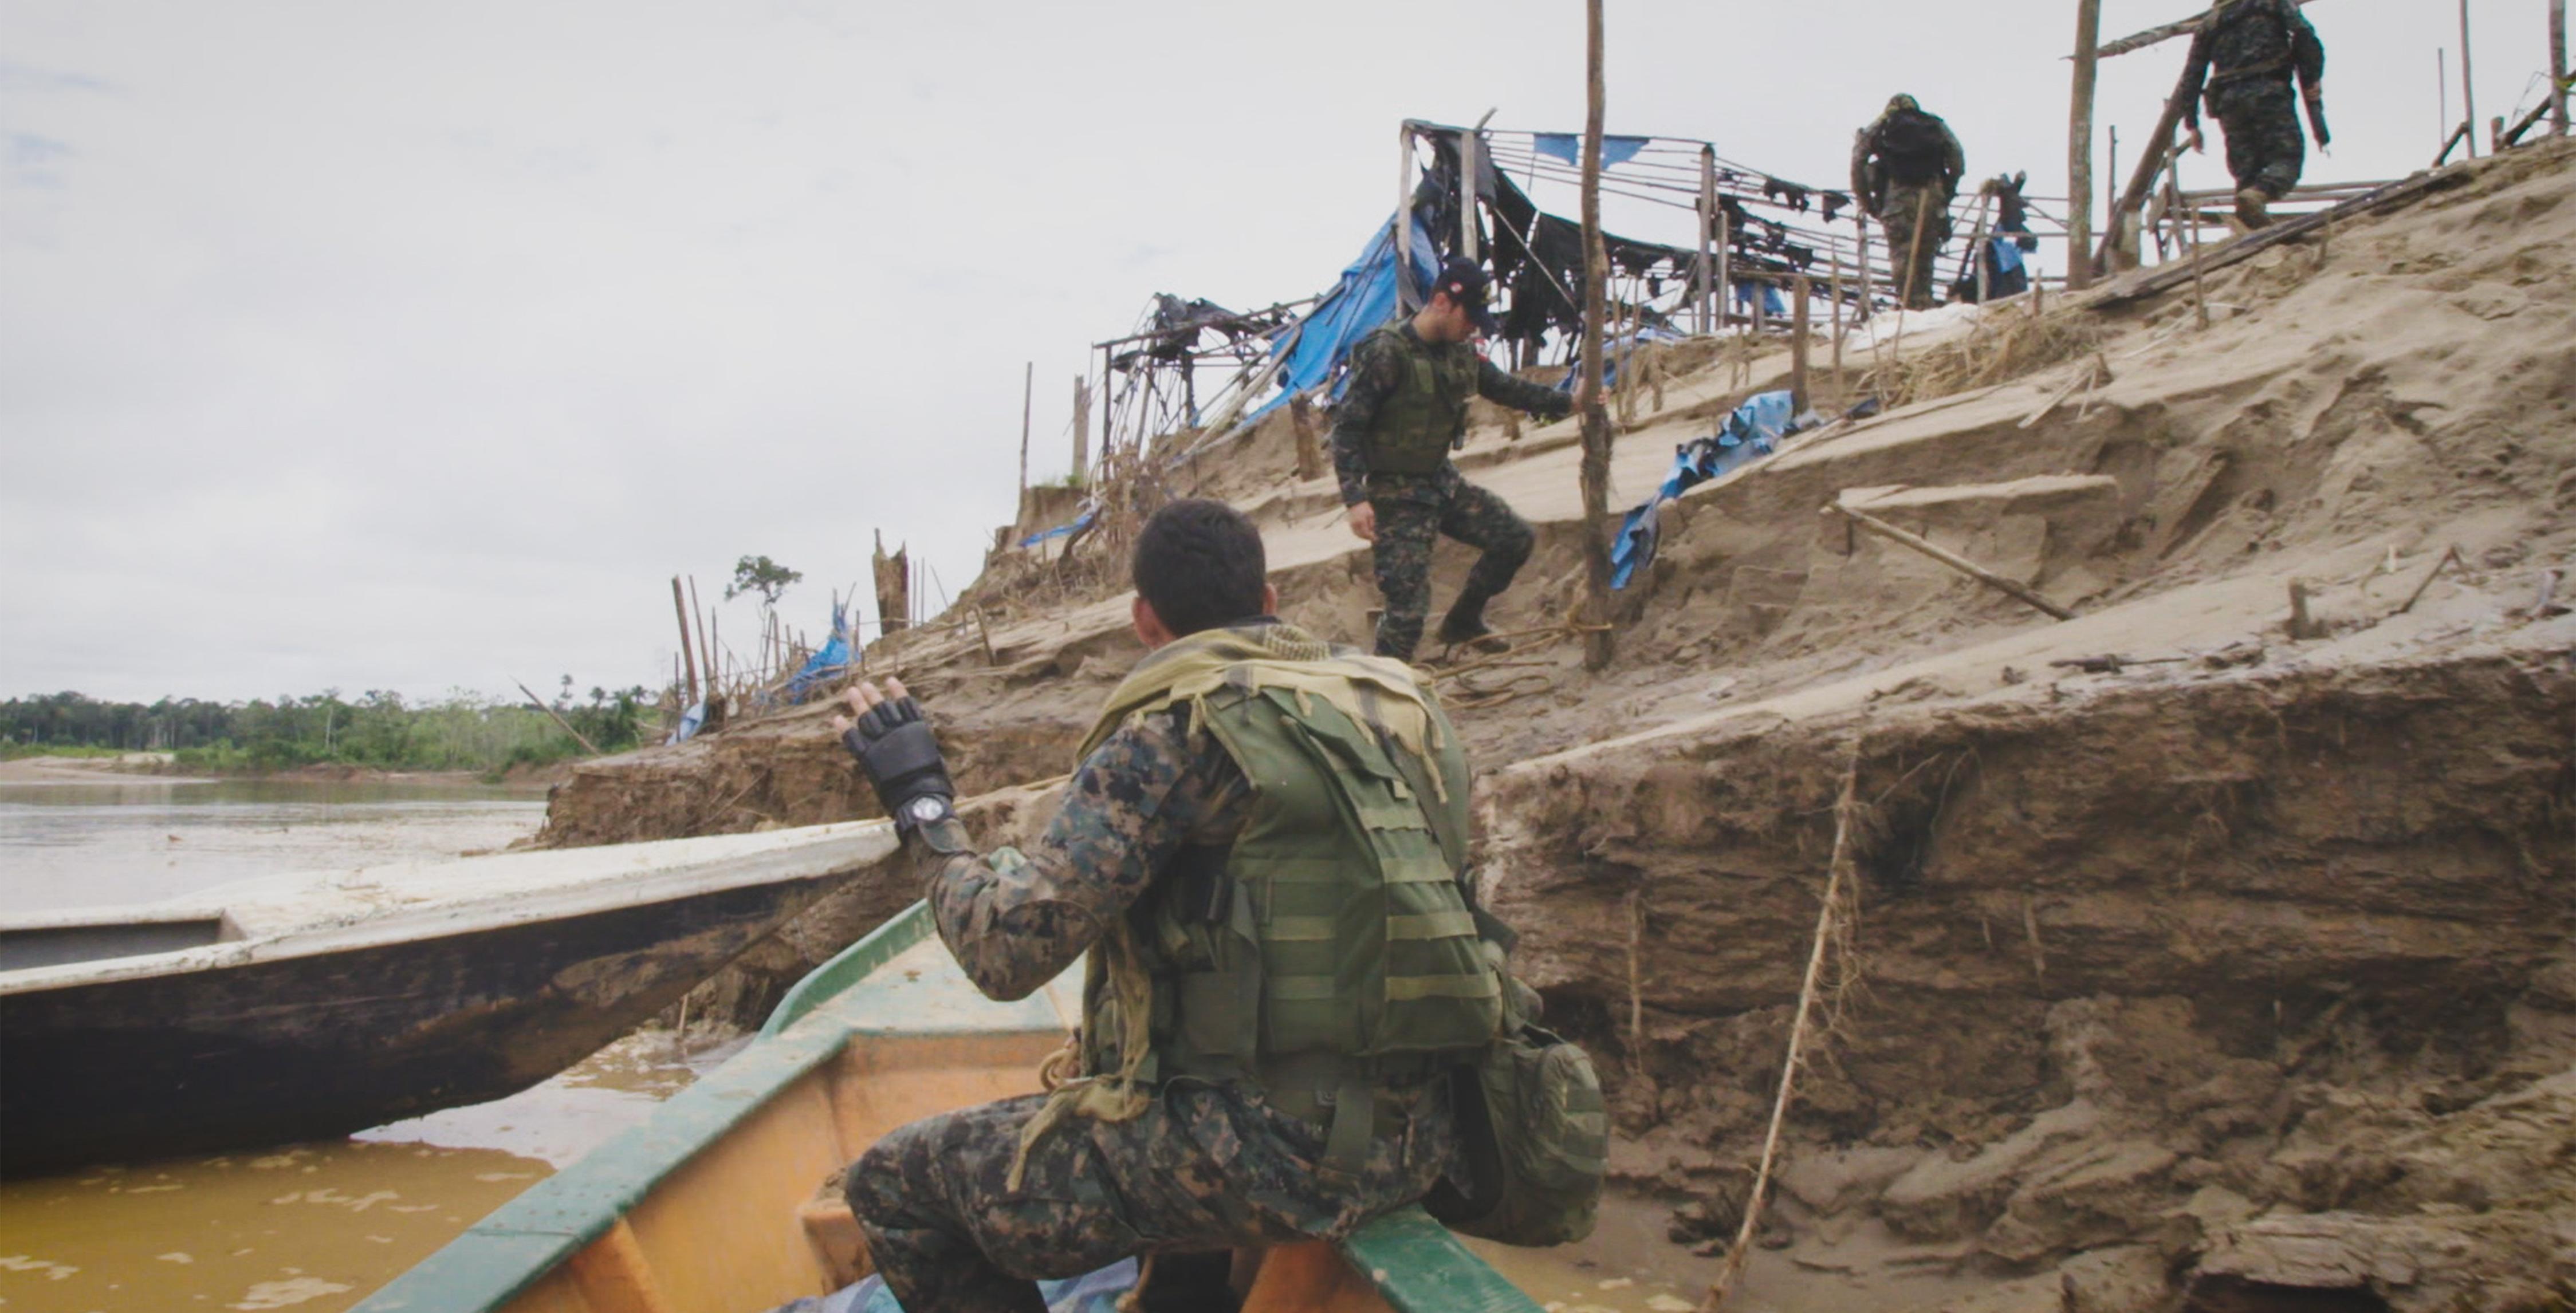 08_-Spezialeinheiten-des-peruanischen-Militärs-räumen-ein-Lager-der-illegalen-Goldgräber.-Diese-Lager-waren-eine-Brutstätte-der-organisierten-Kriminalität.